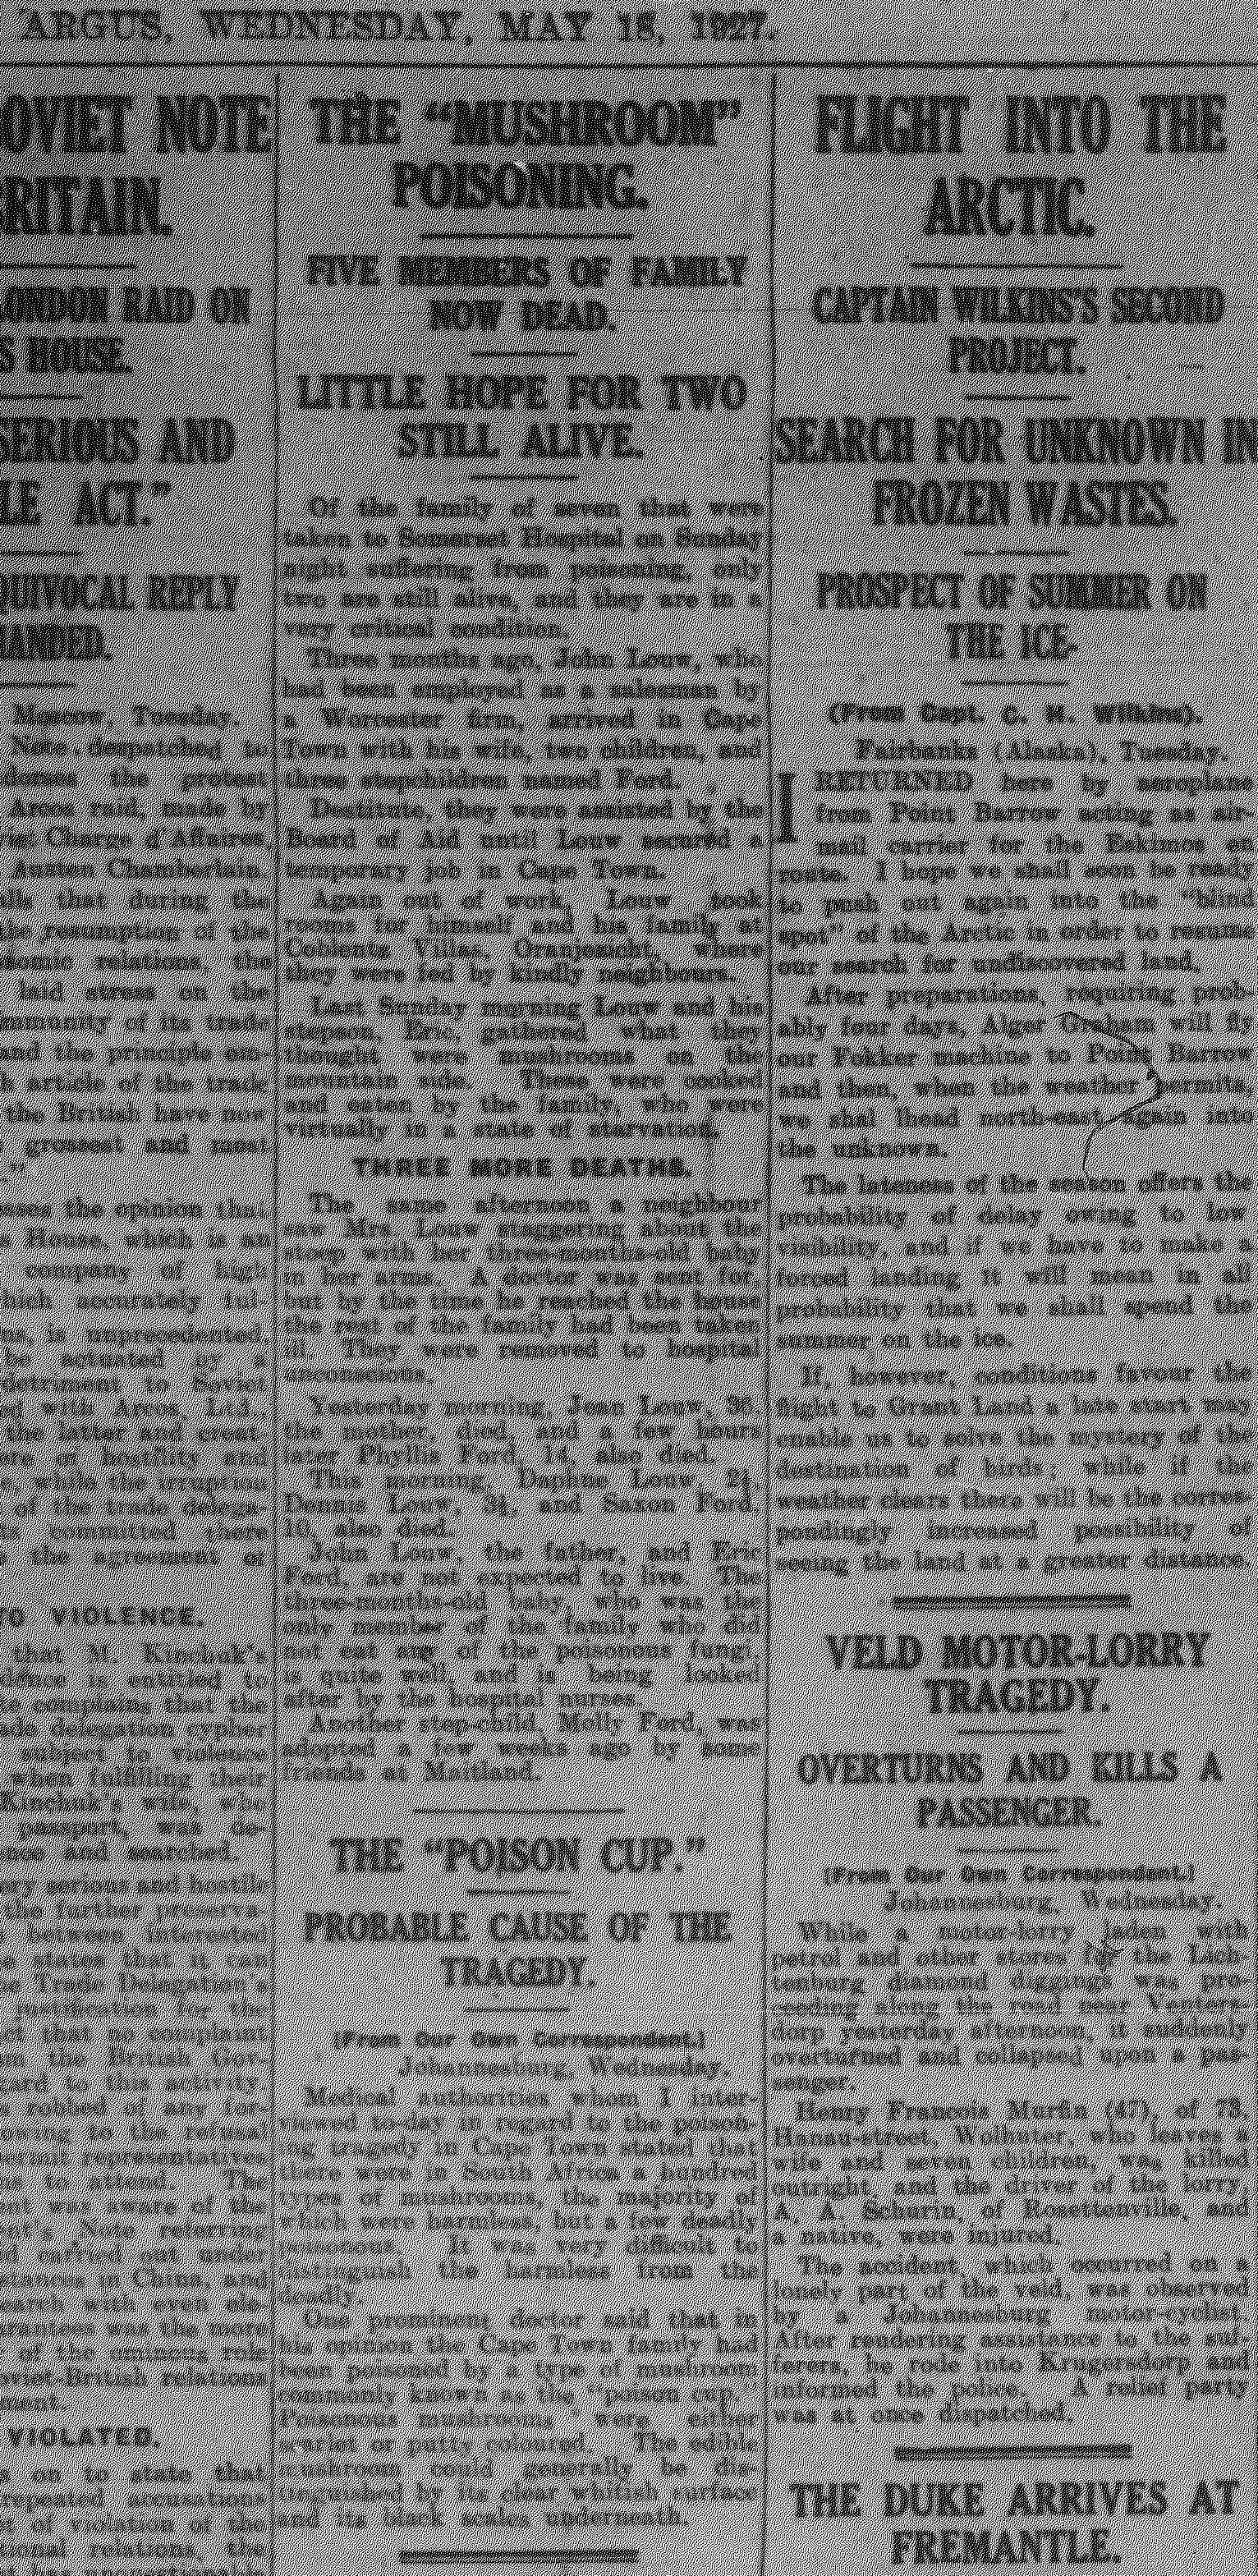 18 May 1927 _